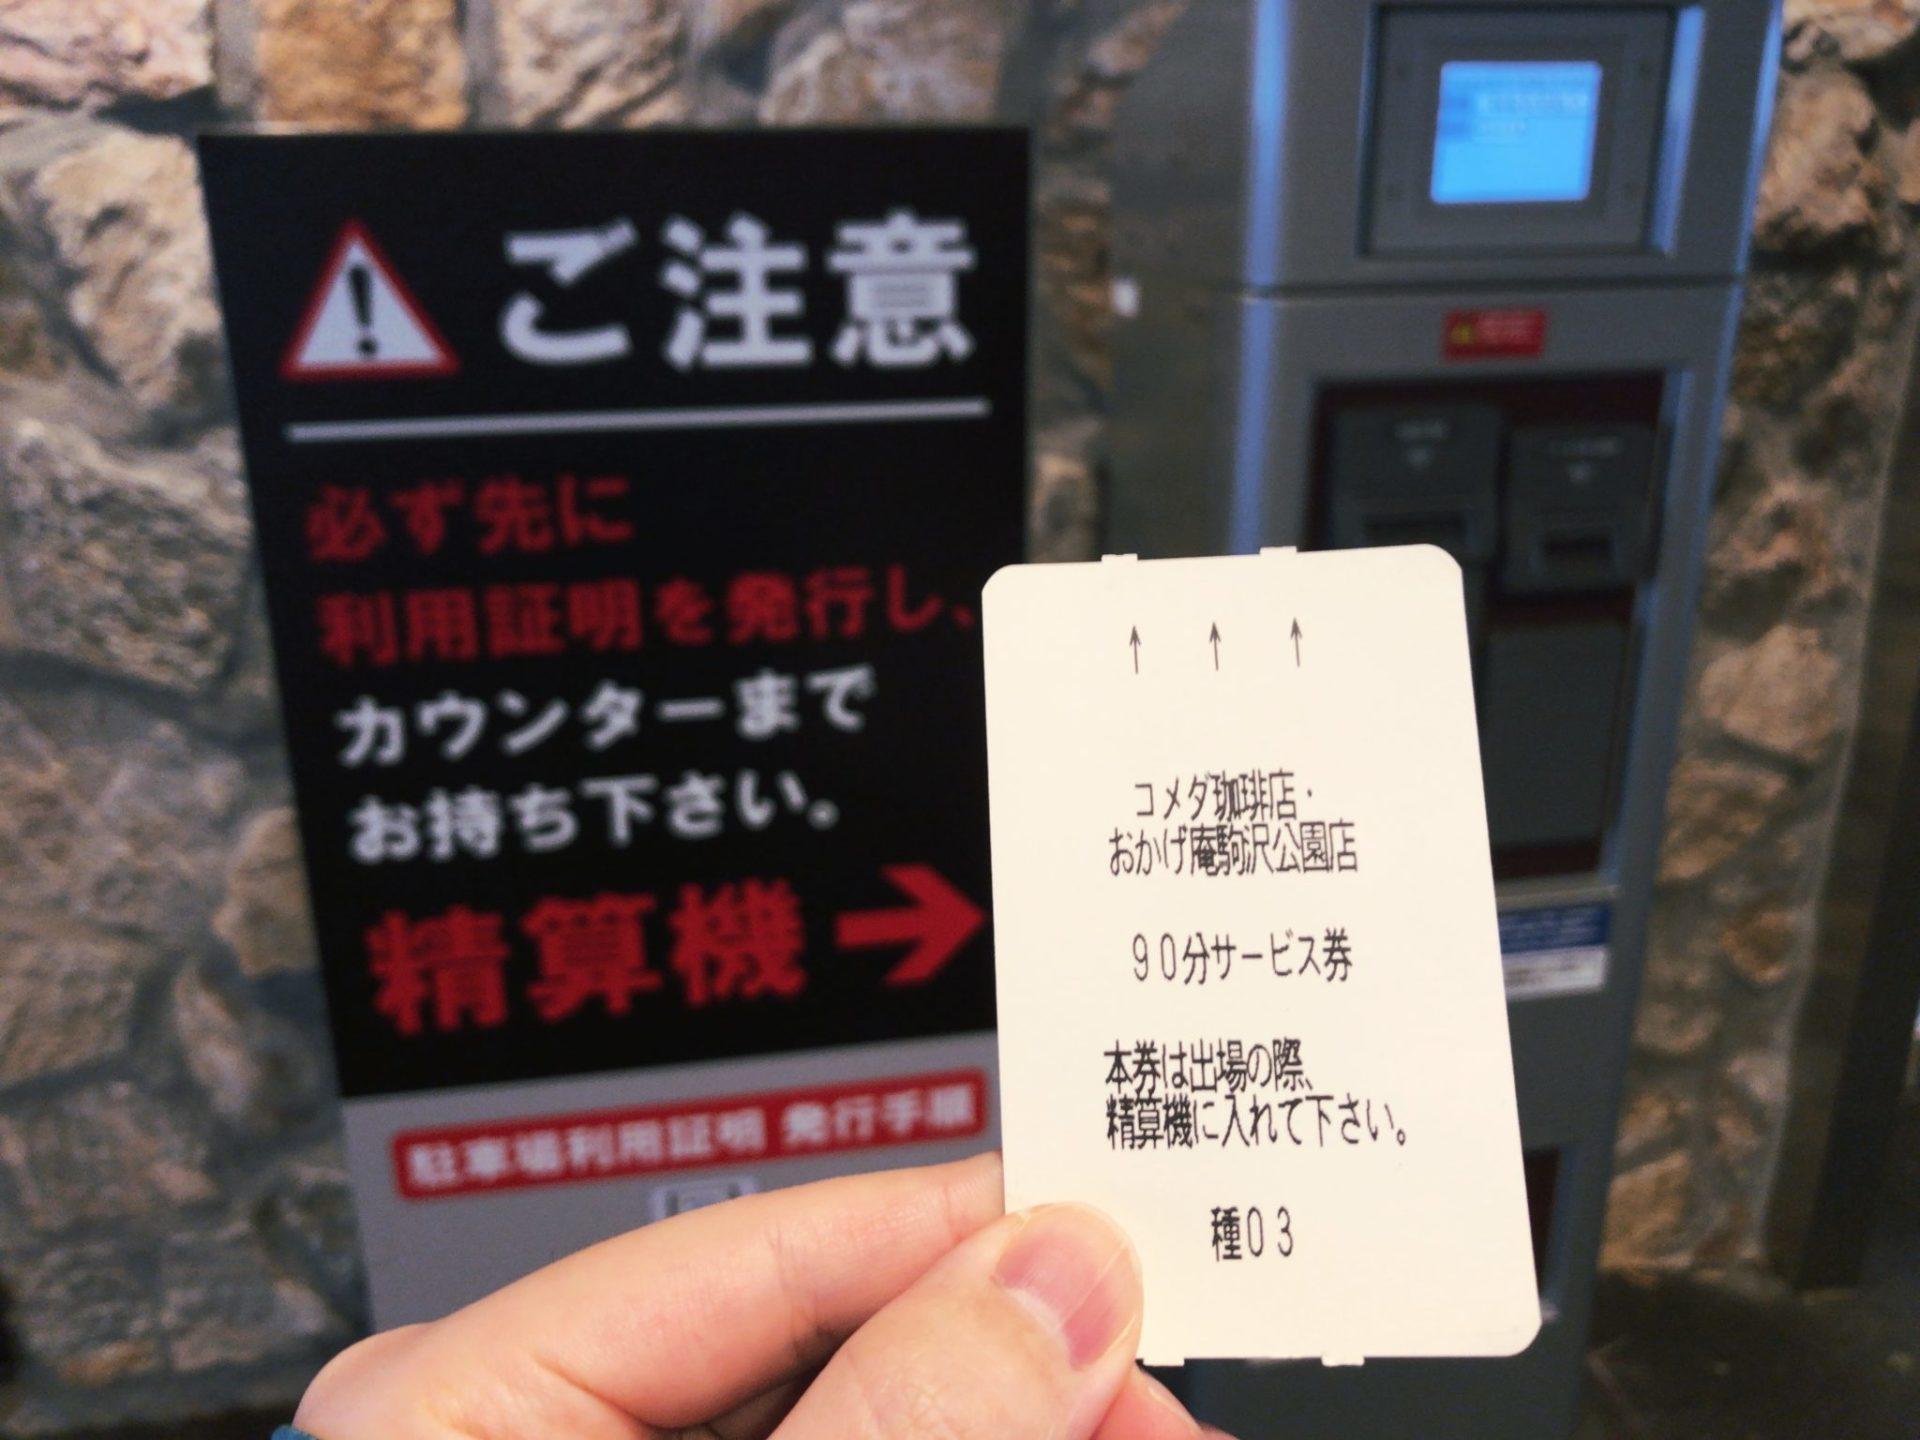 コメダ珈琲店 駒沢公園前店の駐車場のサービス券